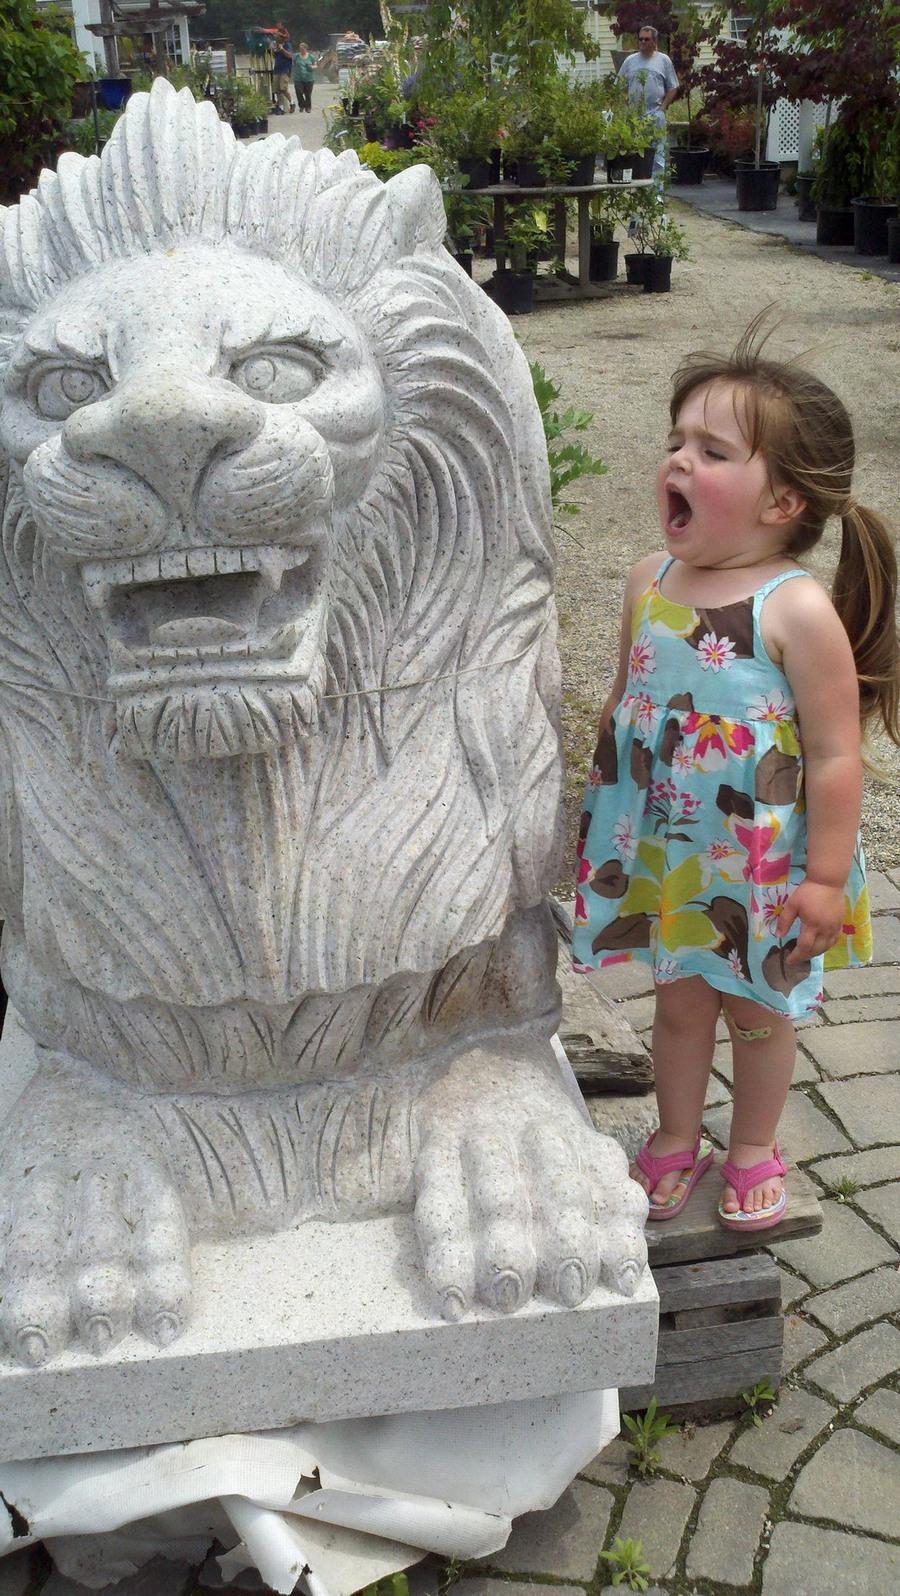 خنده دار شوخی با مجسمه ها، خنده دار شوخی با مجسمه ها باحال، خنده دار شوخی با مجسمه ها بامزه، خنده دار شوخی با مجسمه ها خنده، شوخی با مجسمه ها، شوخی با مجسمه ها تو خیابون، شوخی با مجسمه ها خنده، شوخی با مجسمه ها خنده دار، شوخی با مجسمه هاالب]شوخی با مجسمه ها با حال، عکس جالبخنده دار شوخی با مجسمه ها